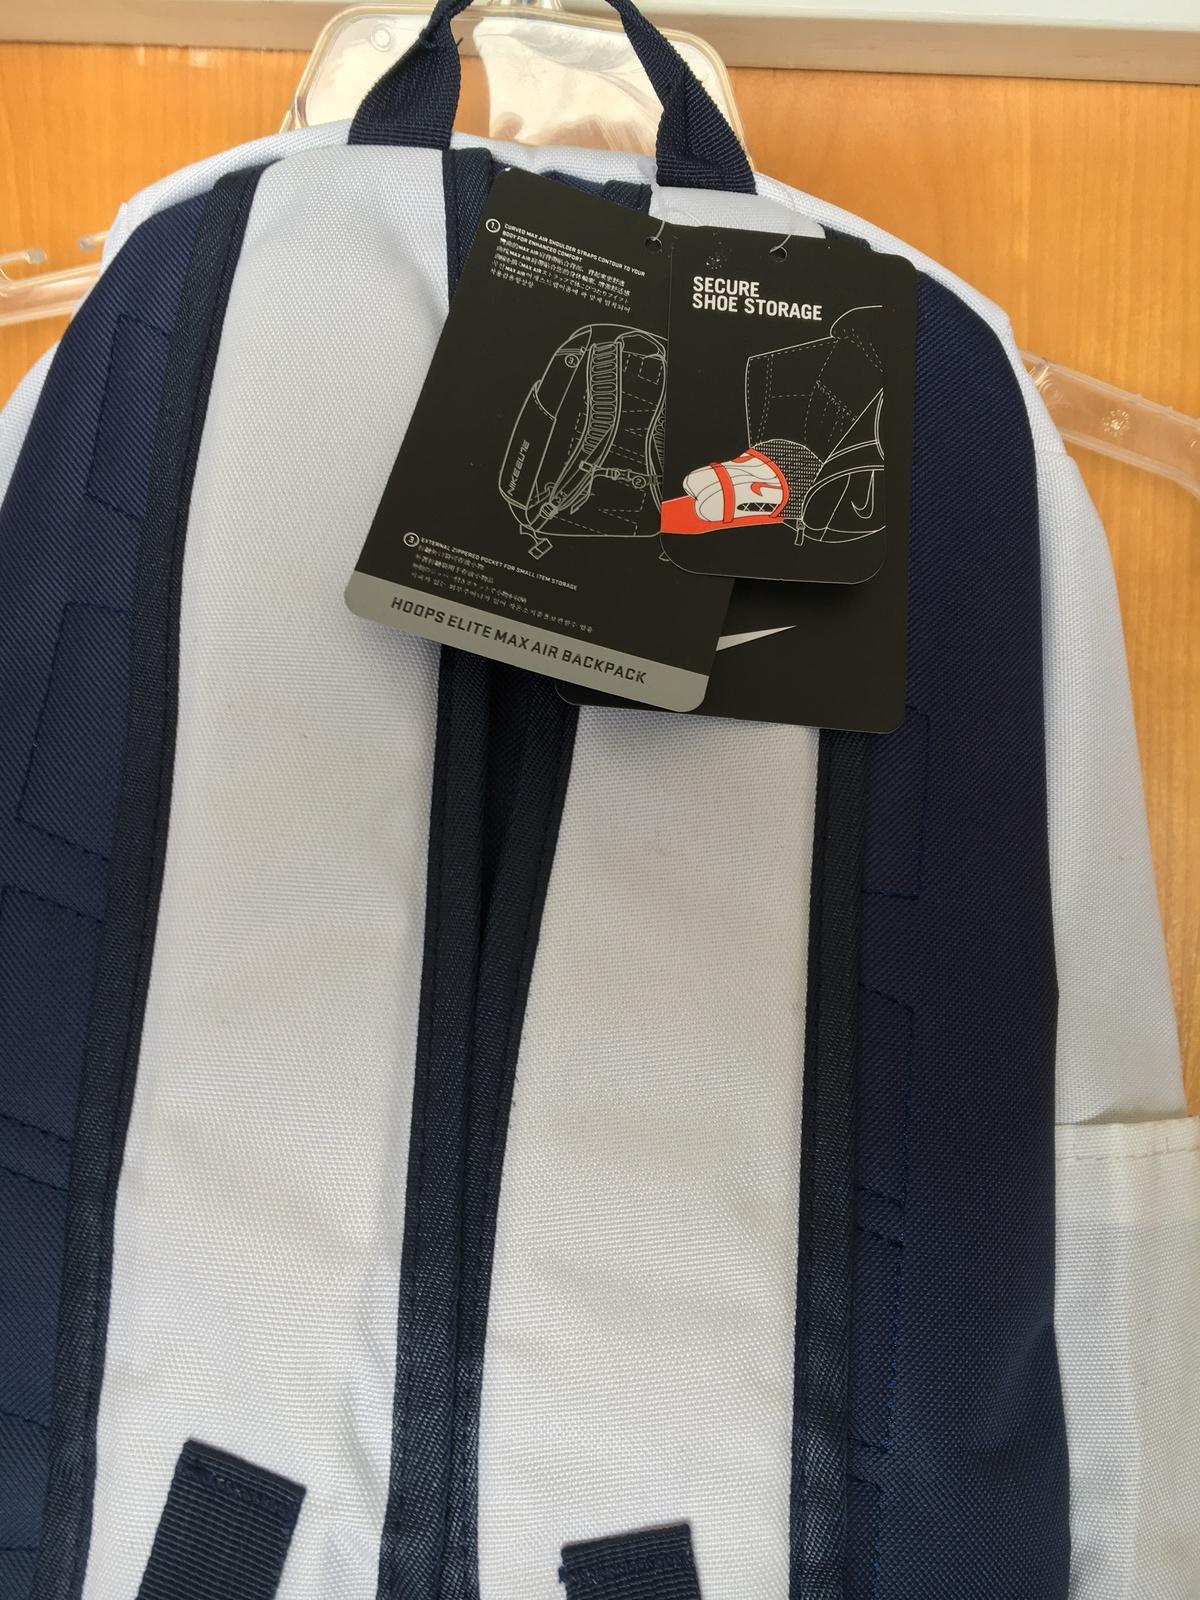 """New SCHUTZ Shoe White Dust Bag Size 15/""""x10.5/"""" dustbag  Schutz travel storage"""